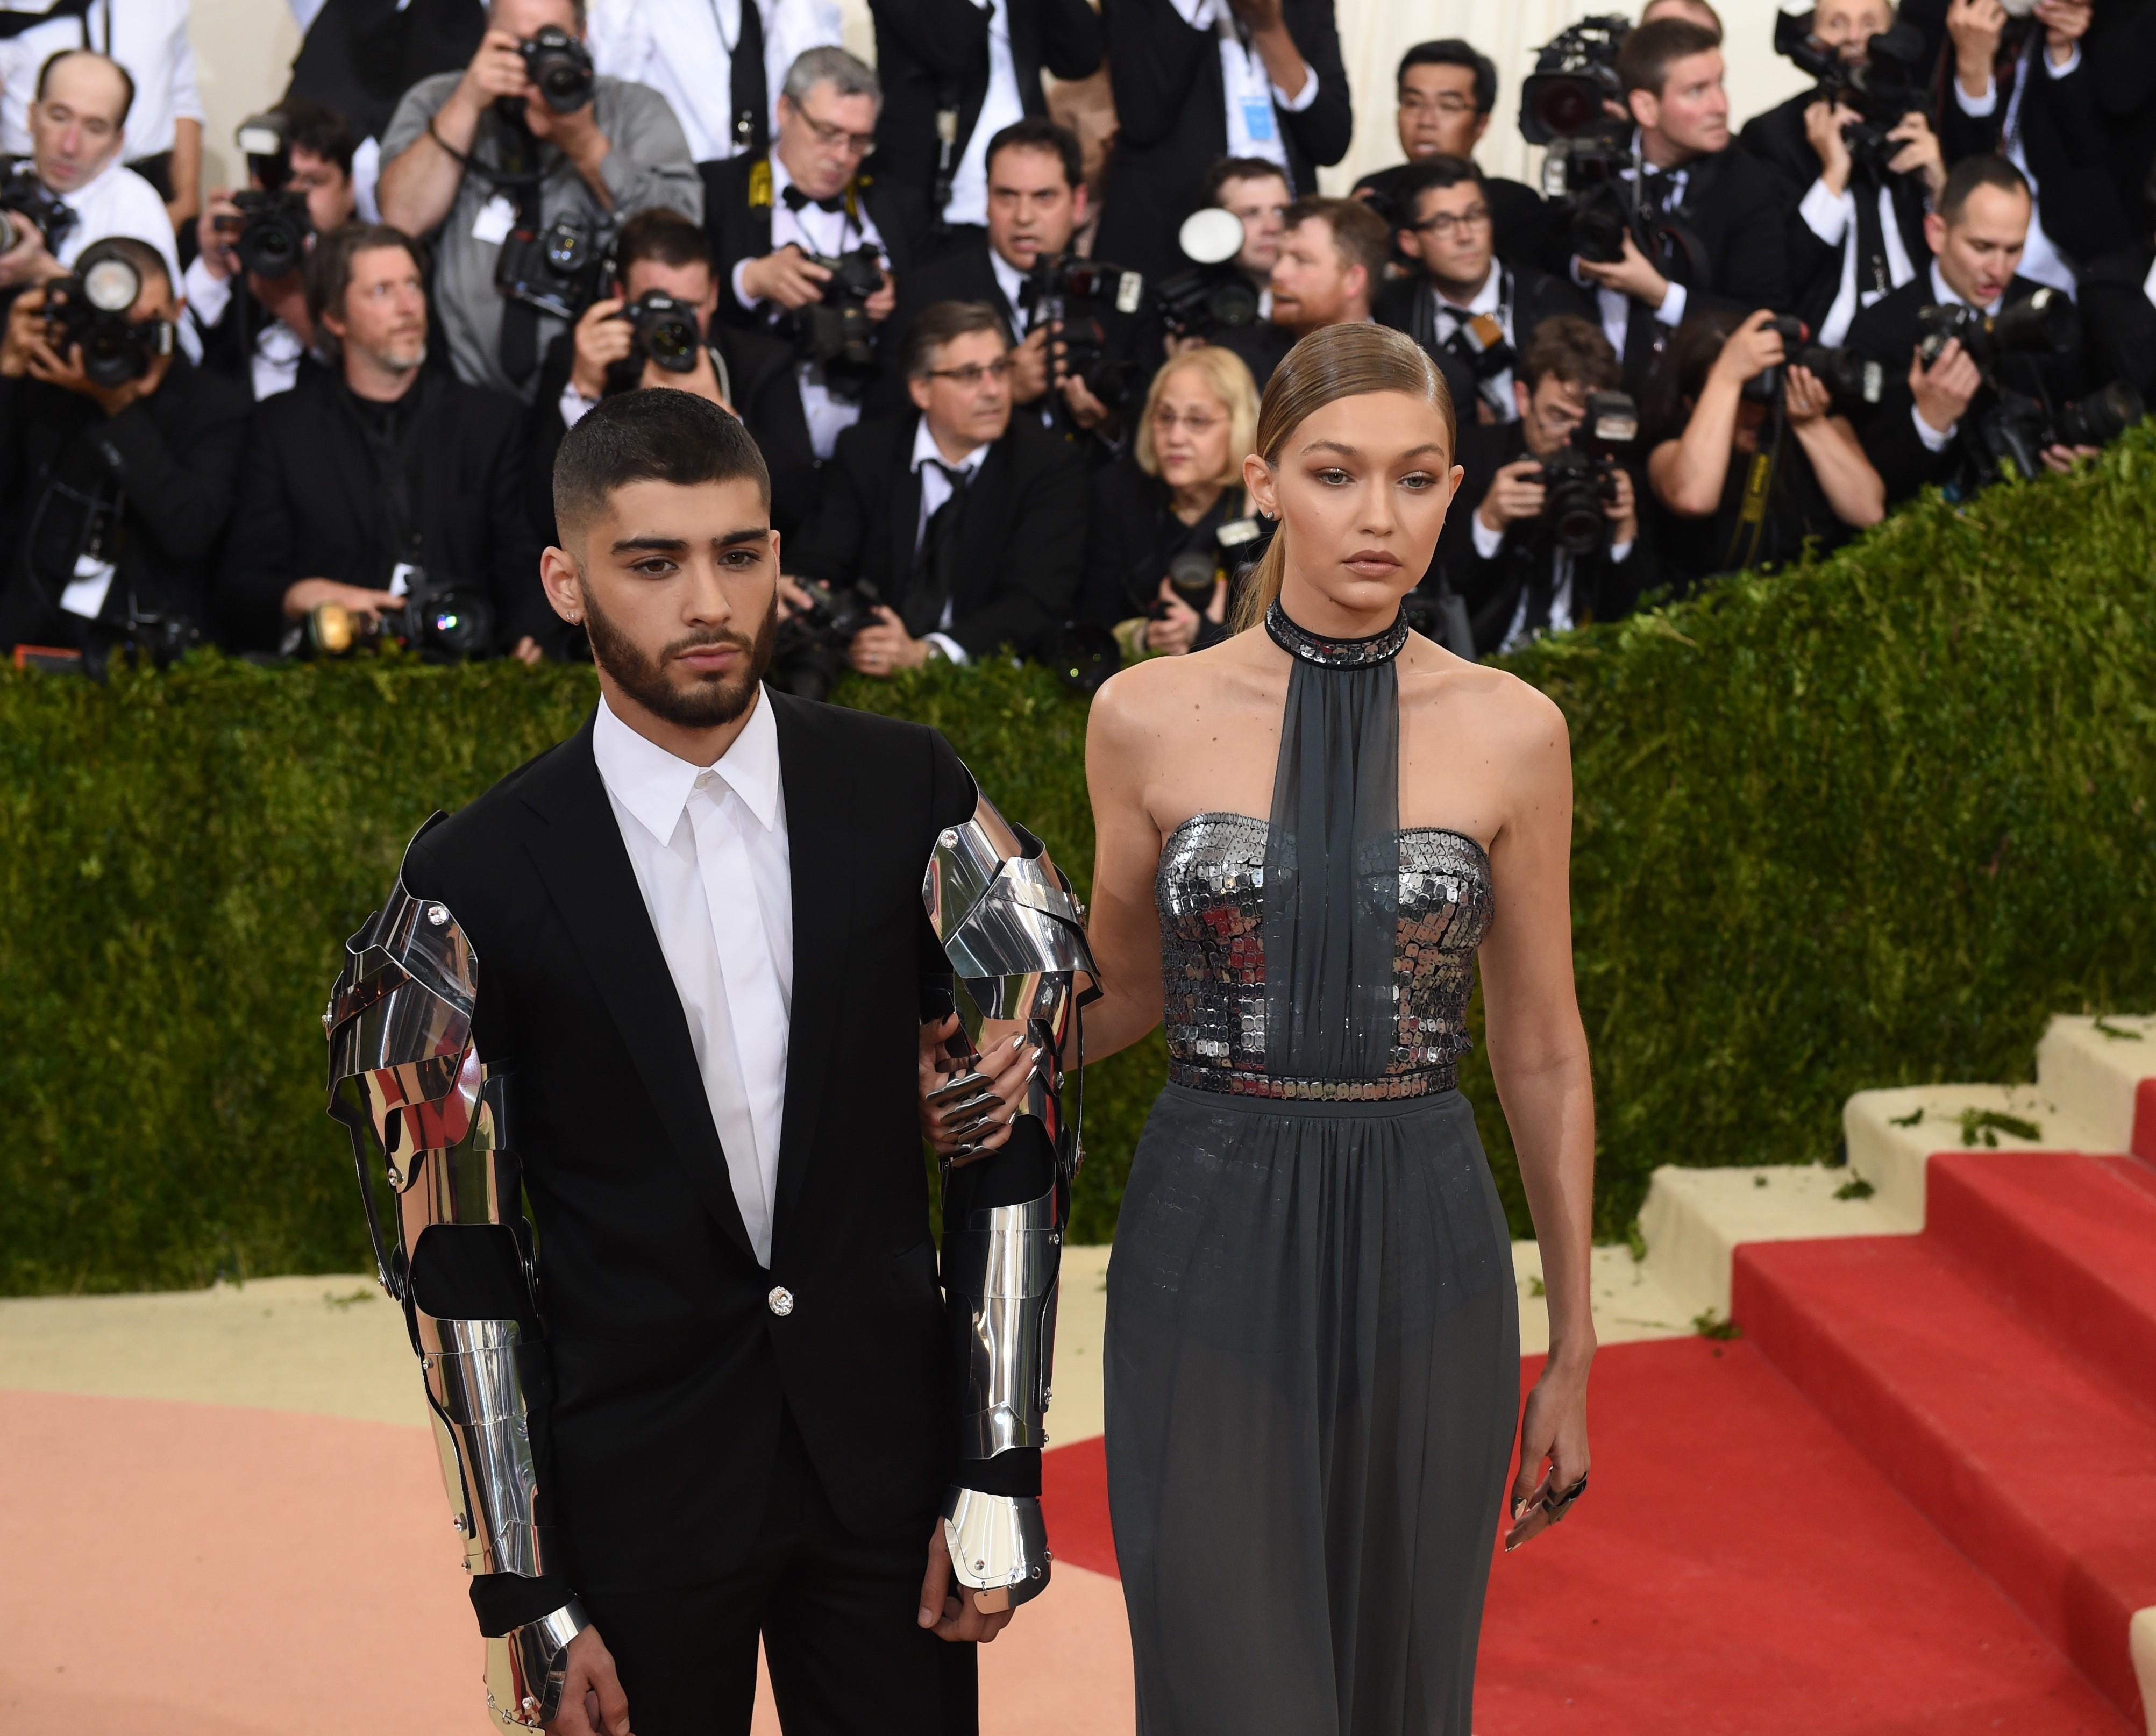 المغني البريطاني المسلم زين مالك مع صديقته عارضة الأزياء جي جي حديد.